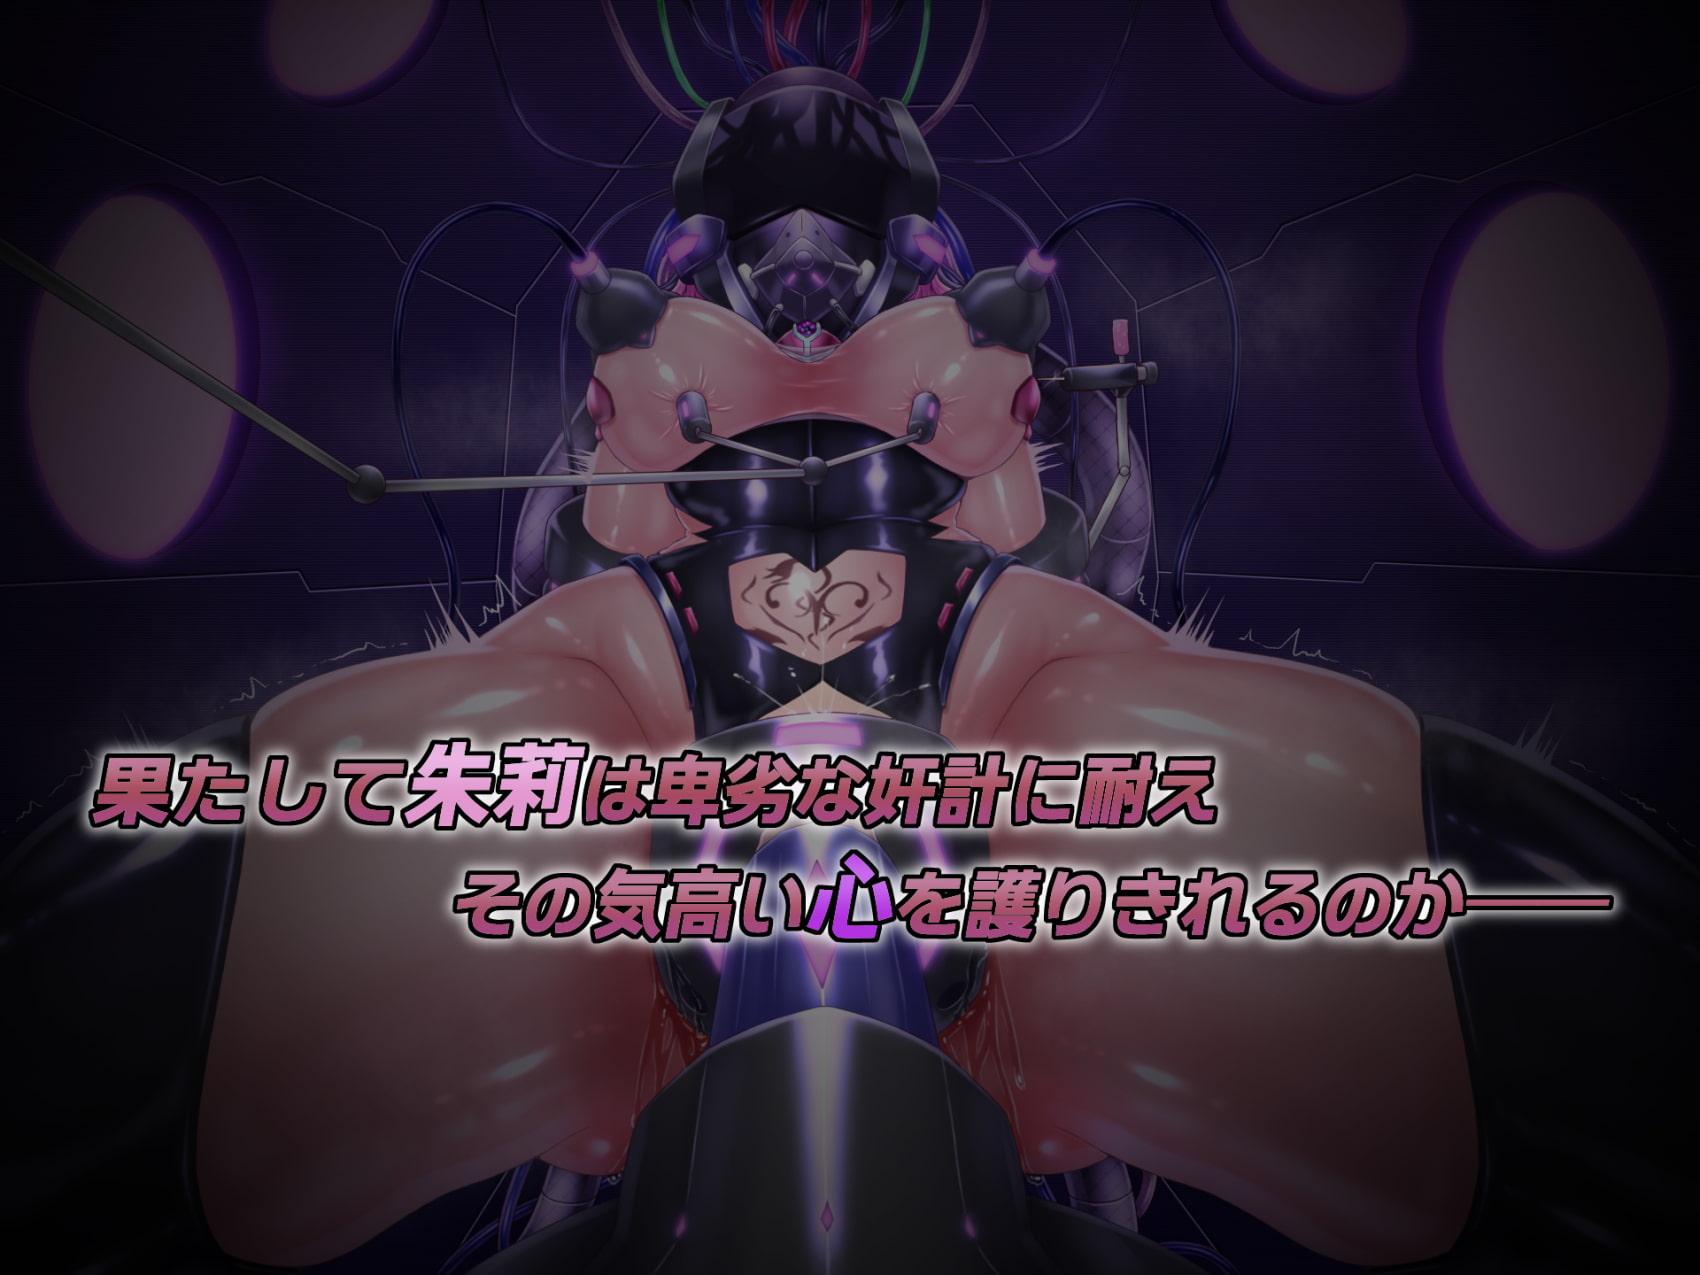 輝装星姫アステリア悦獄の機装絶頂3